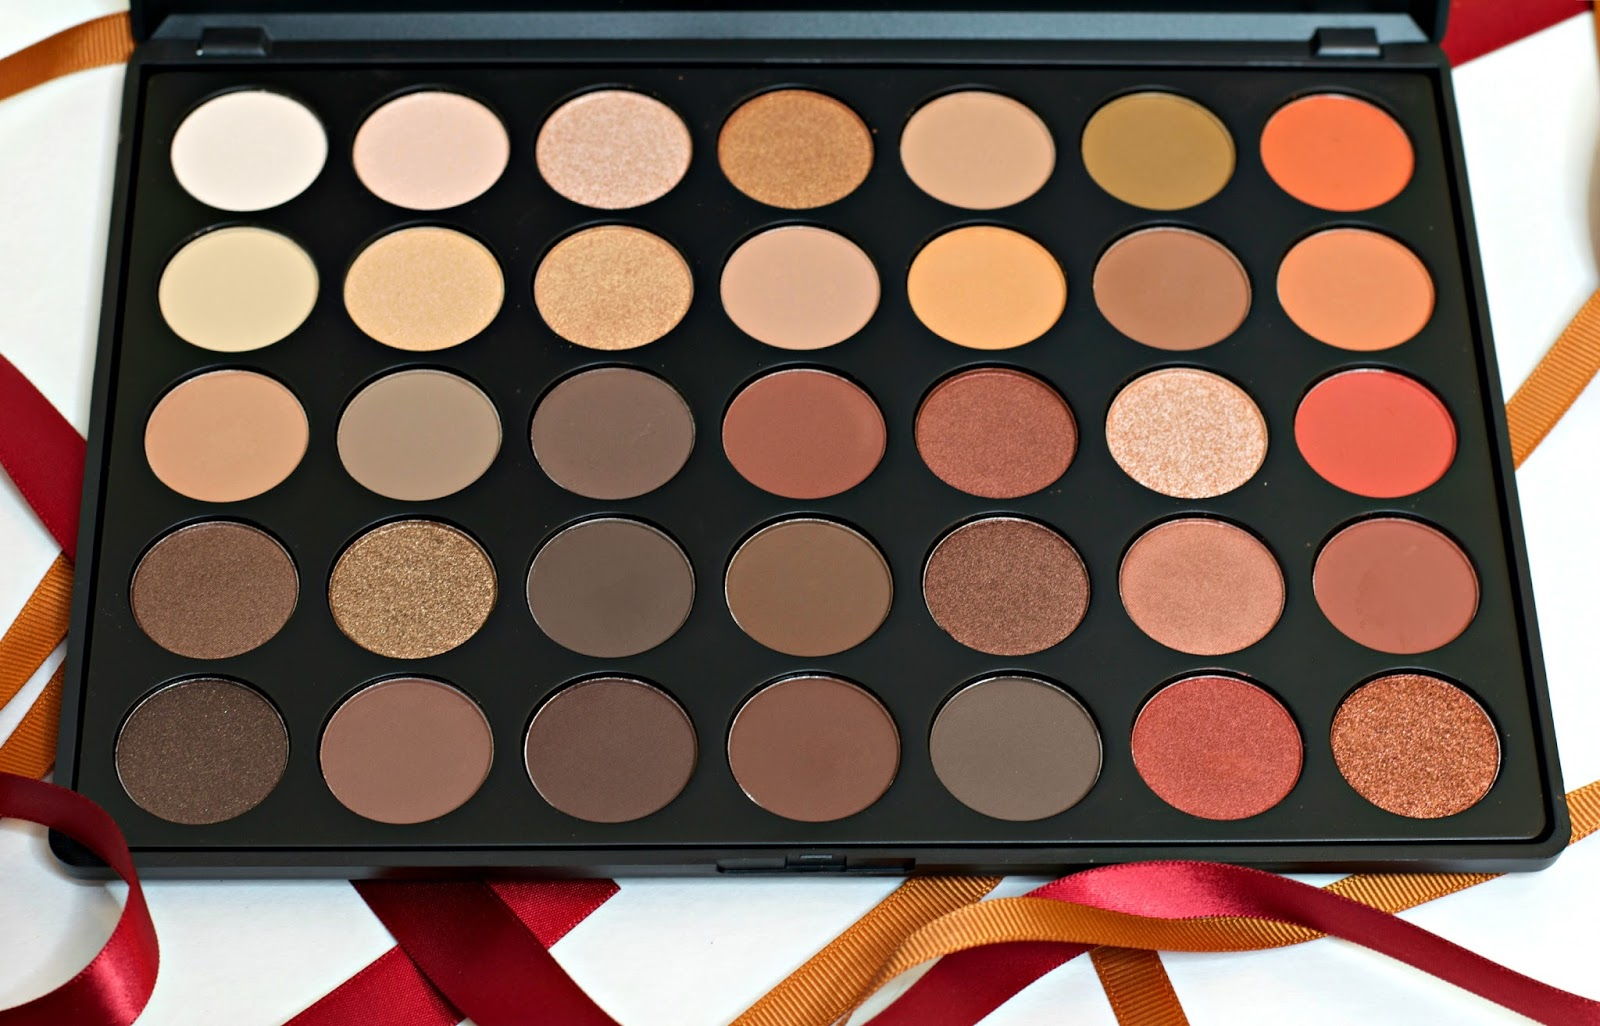 Morphe 350 Palette